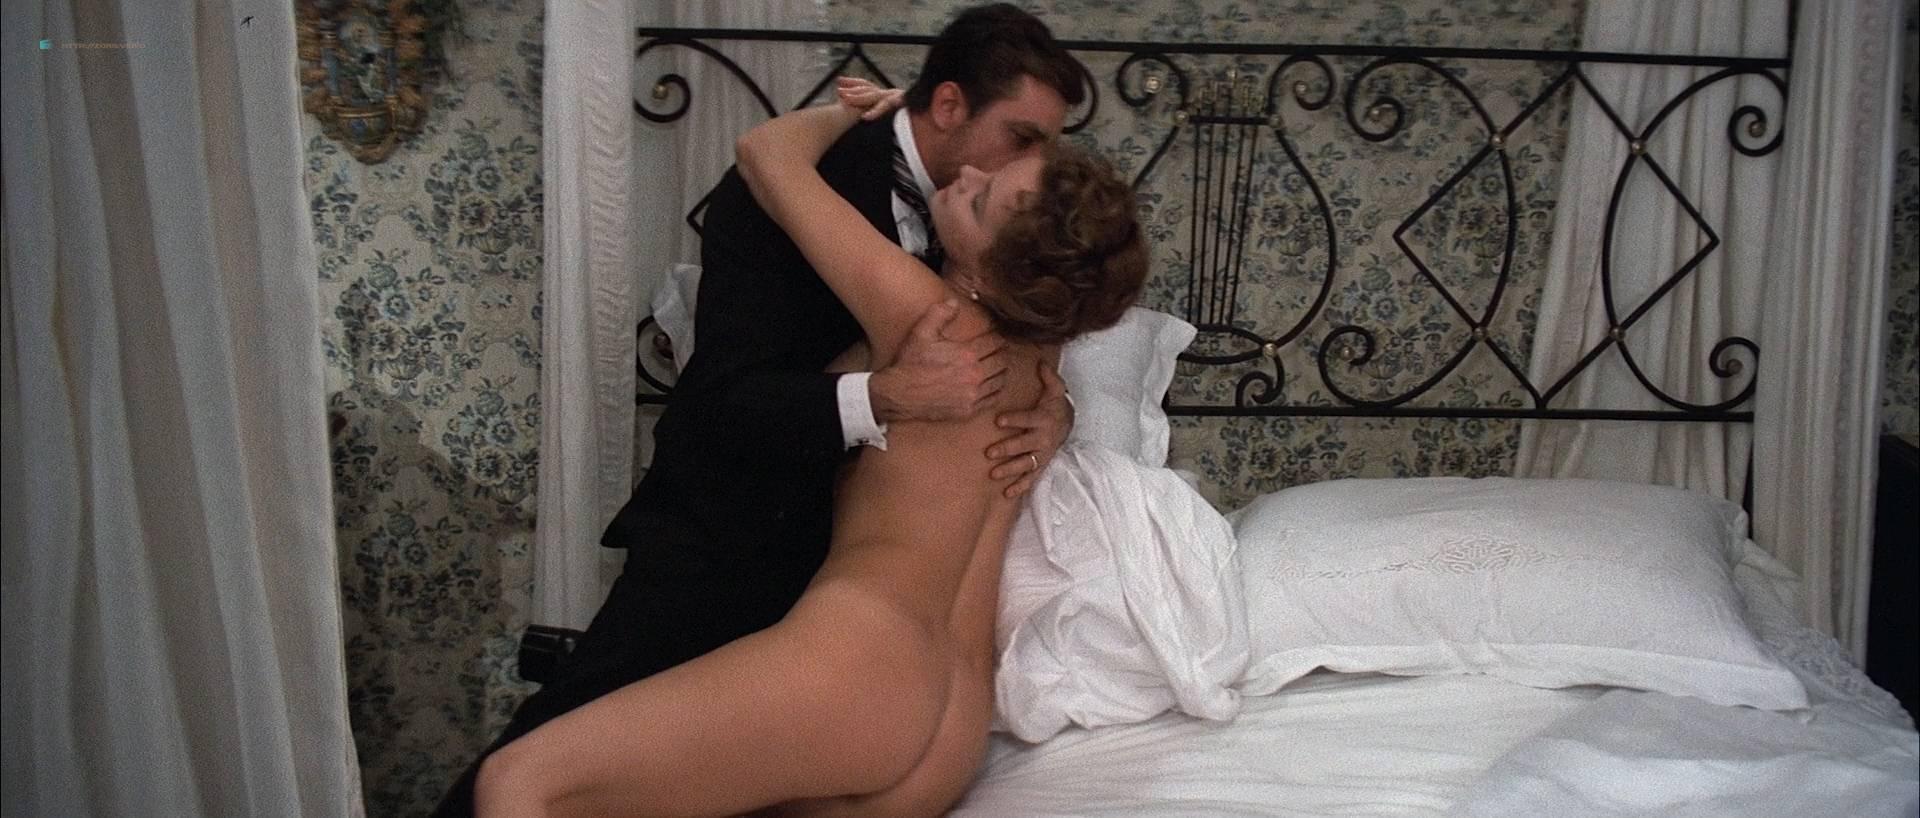 Laura Antonelli nude bush and topless - L'innocente (IT-1976) HD 1080p BluRay (7)